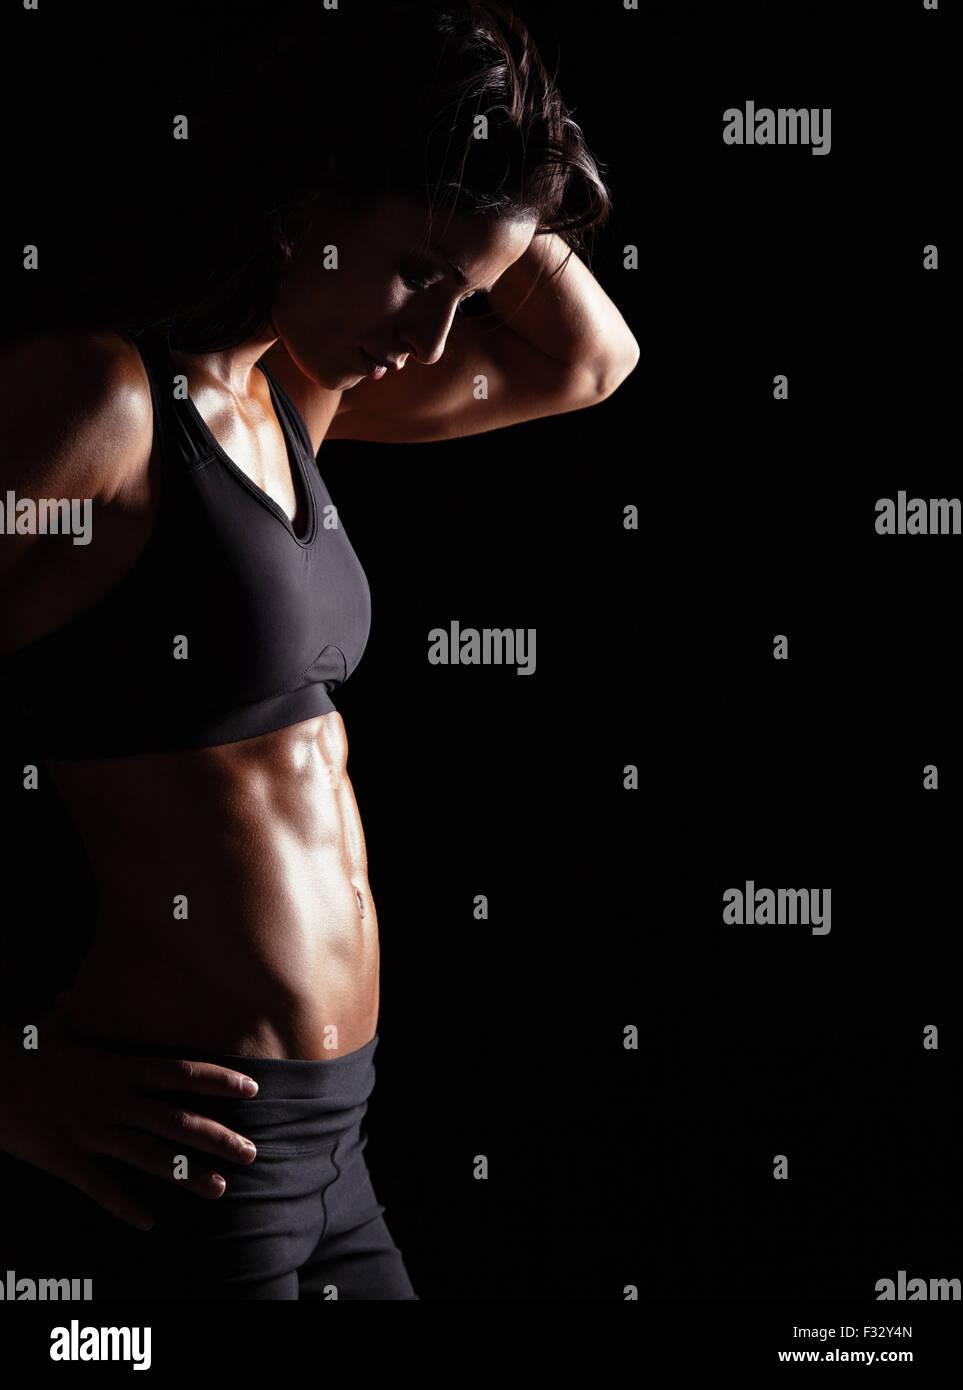 Colocar mujer con sus manos sobre las caderas. Hembra con cuerpo musculoso sobre fondo negro. Imagen De Stock